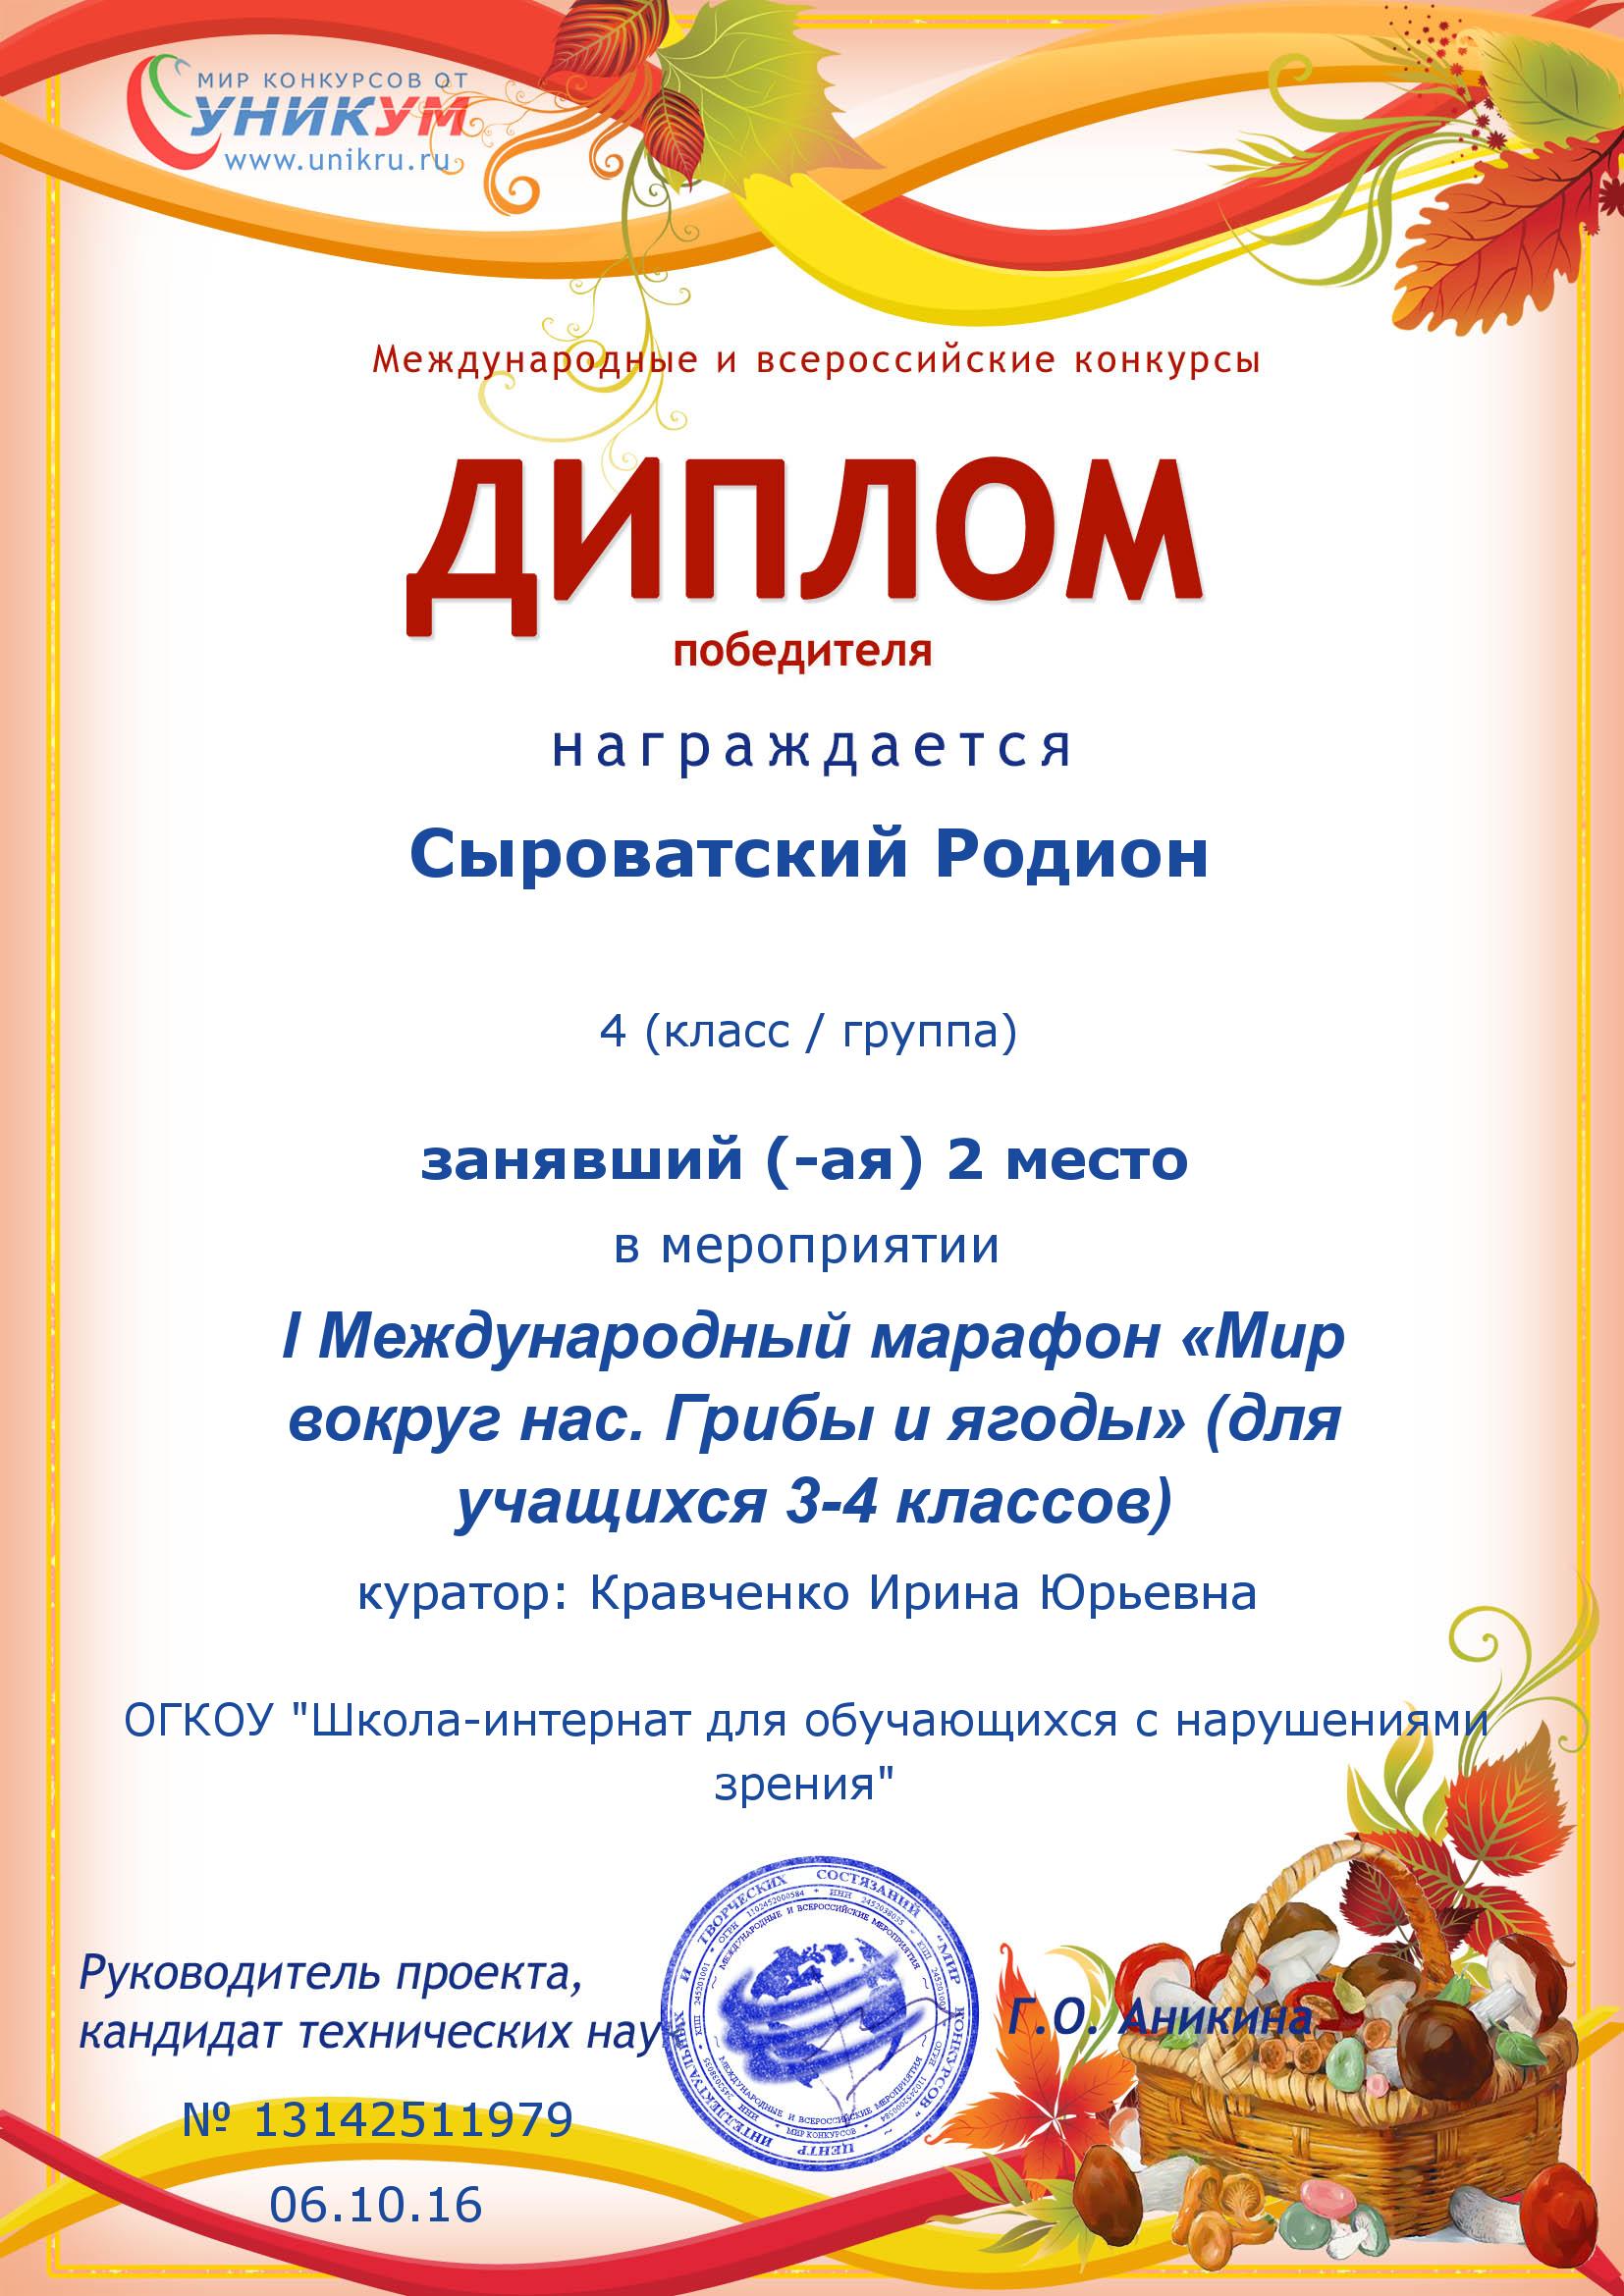 Кириллица международный конкурс по русскому языку 2017144